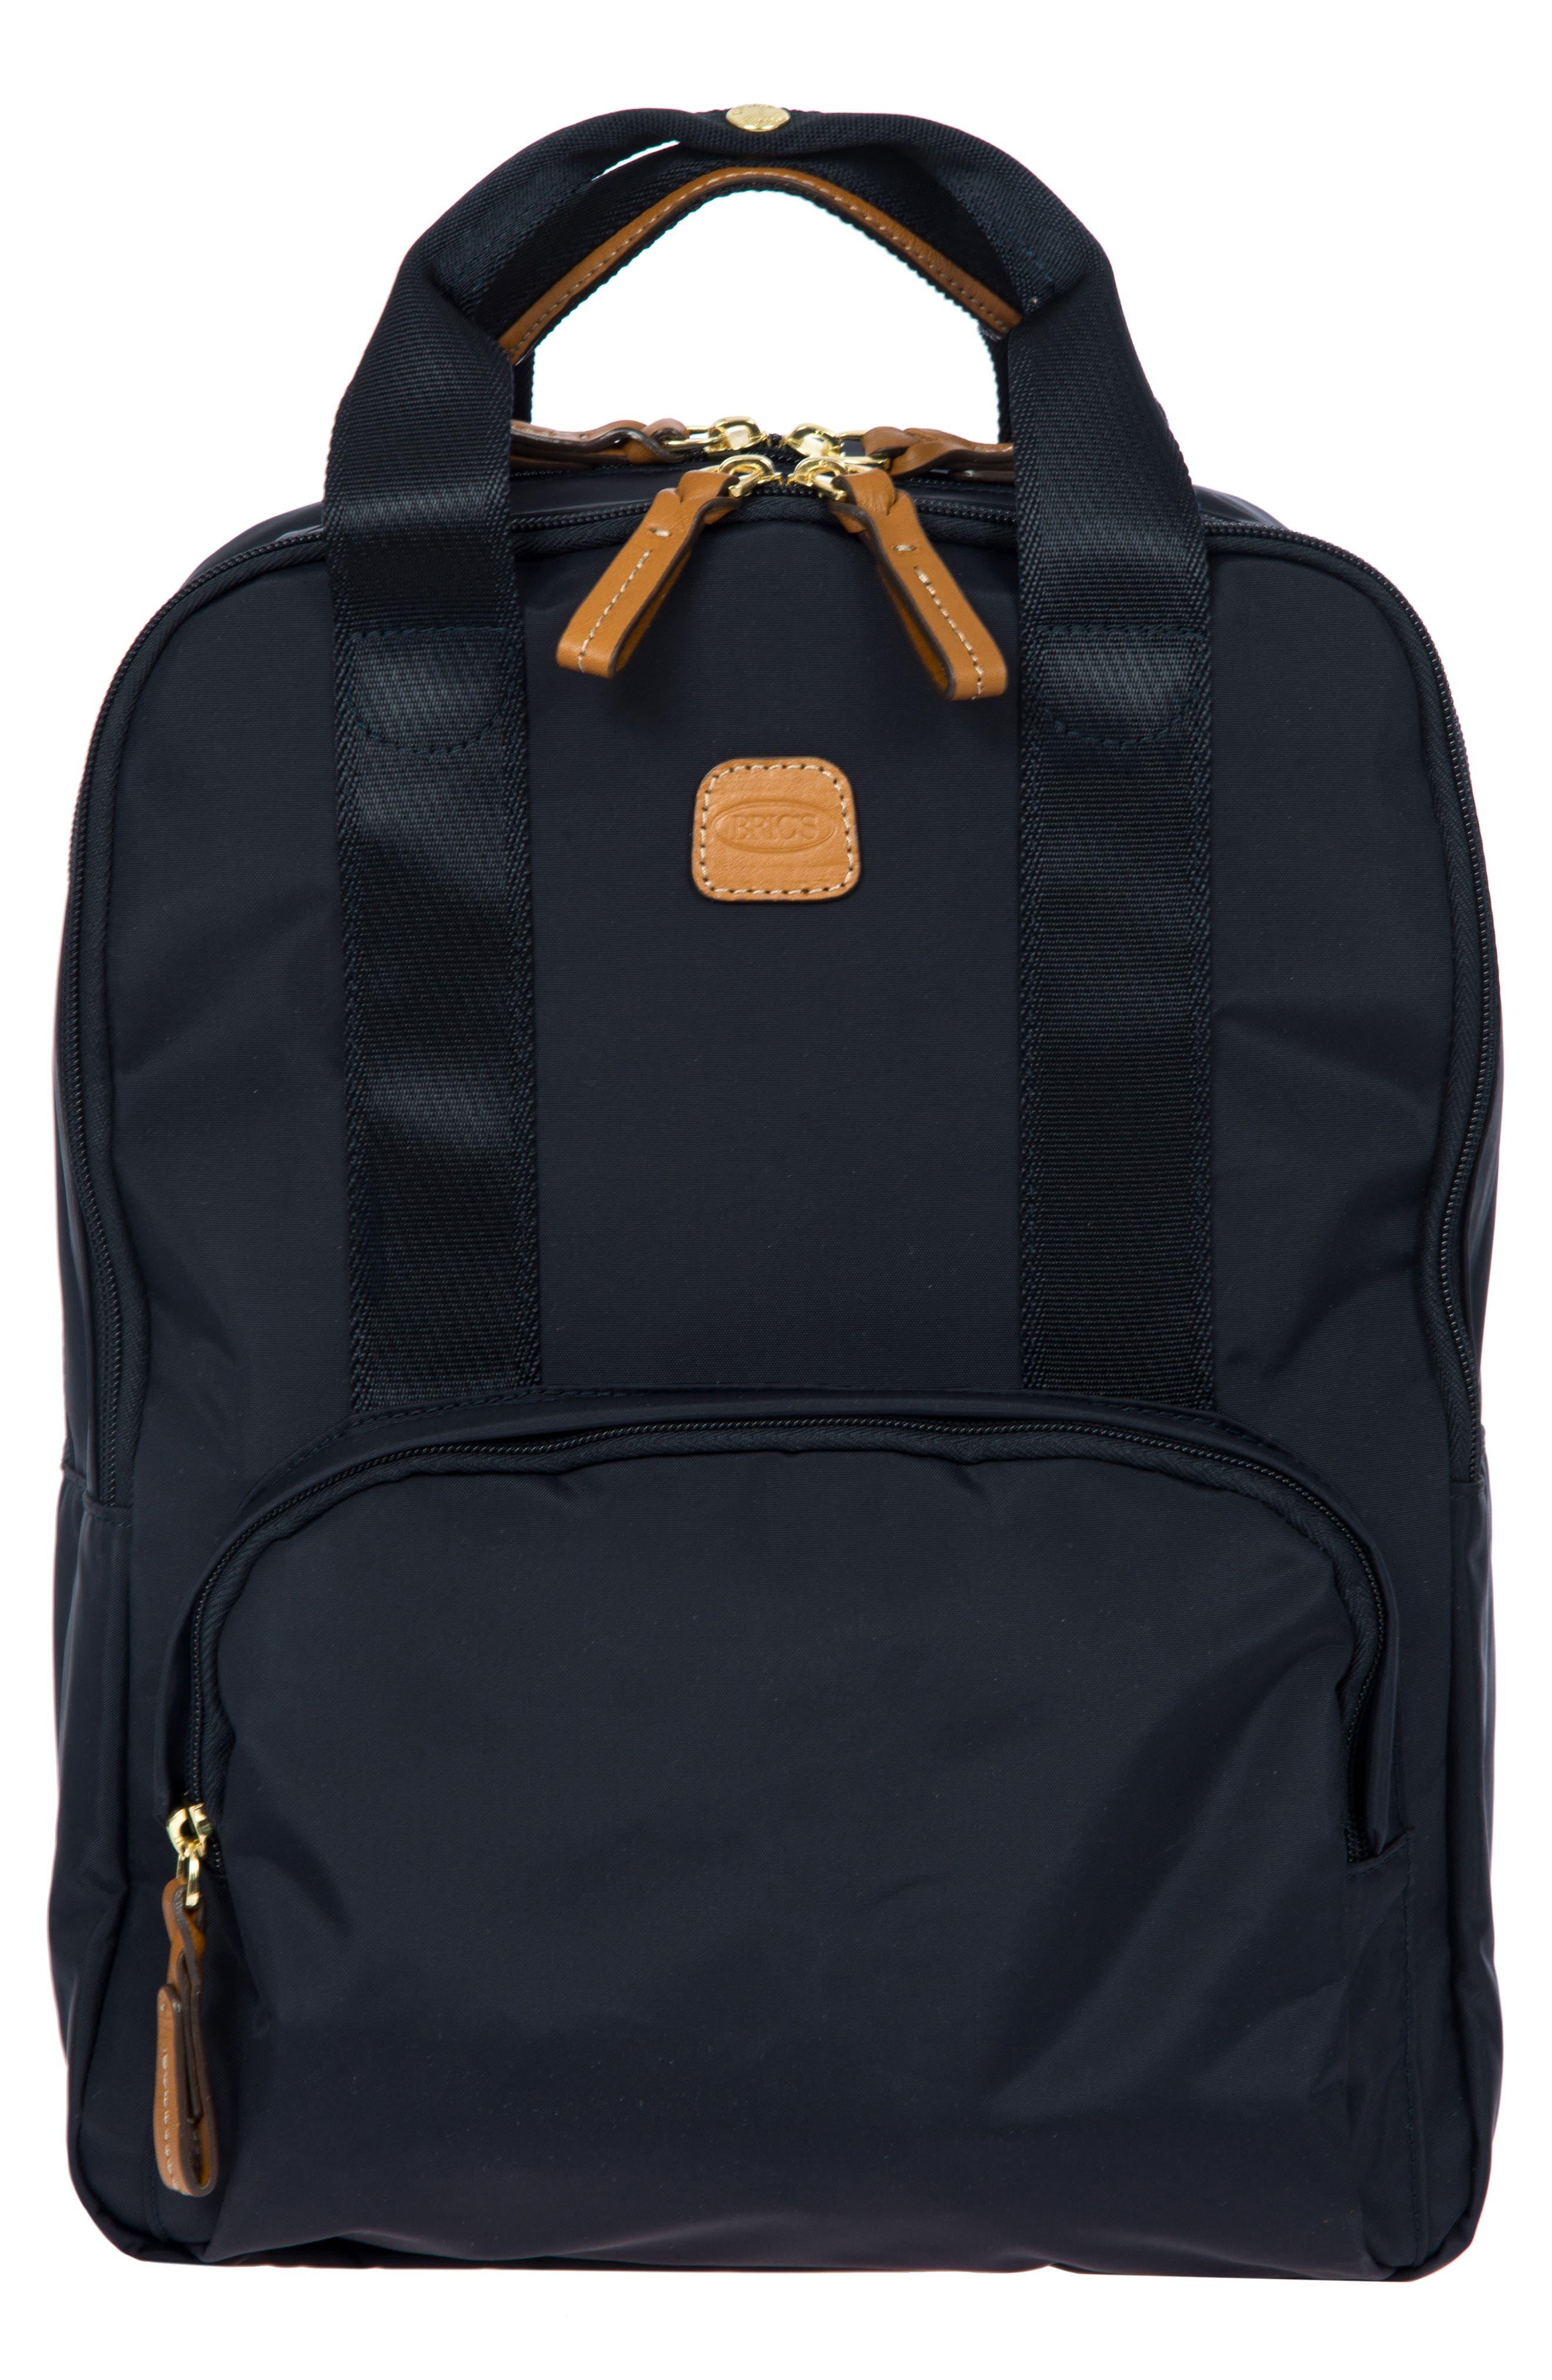 X-Bag Travel Urban Backpack,                             Main thumbnail 1, color,                             Navy